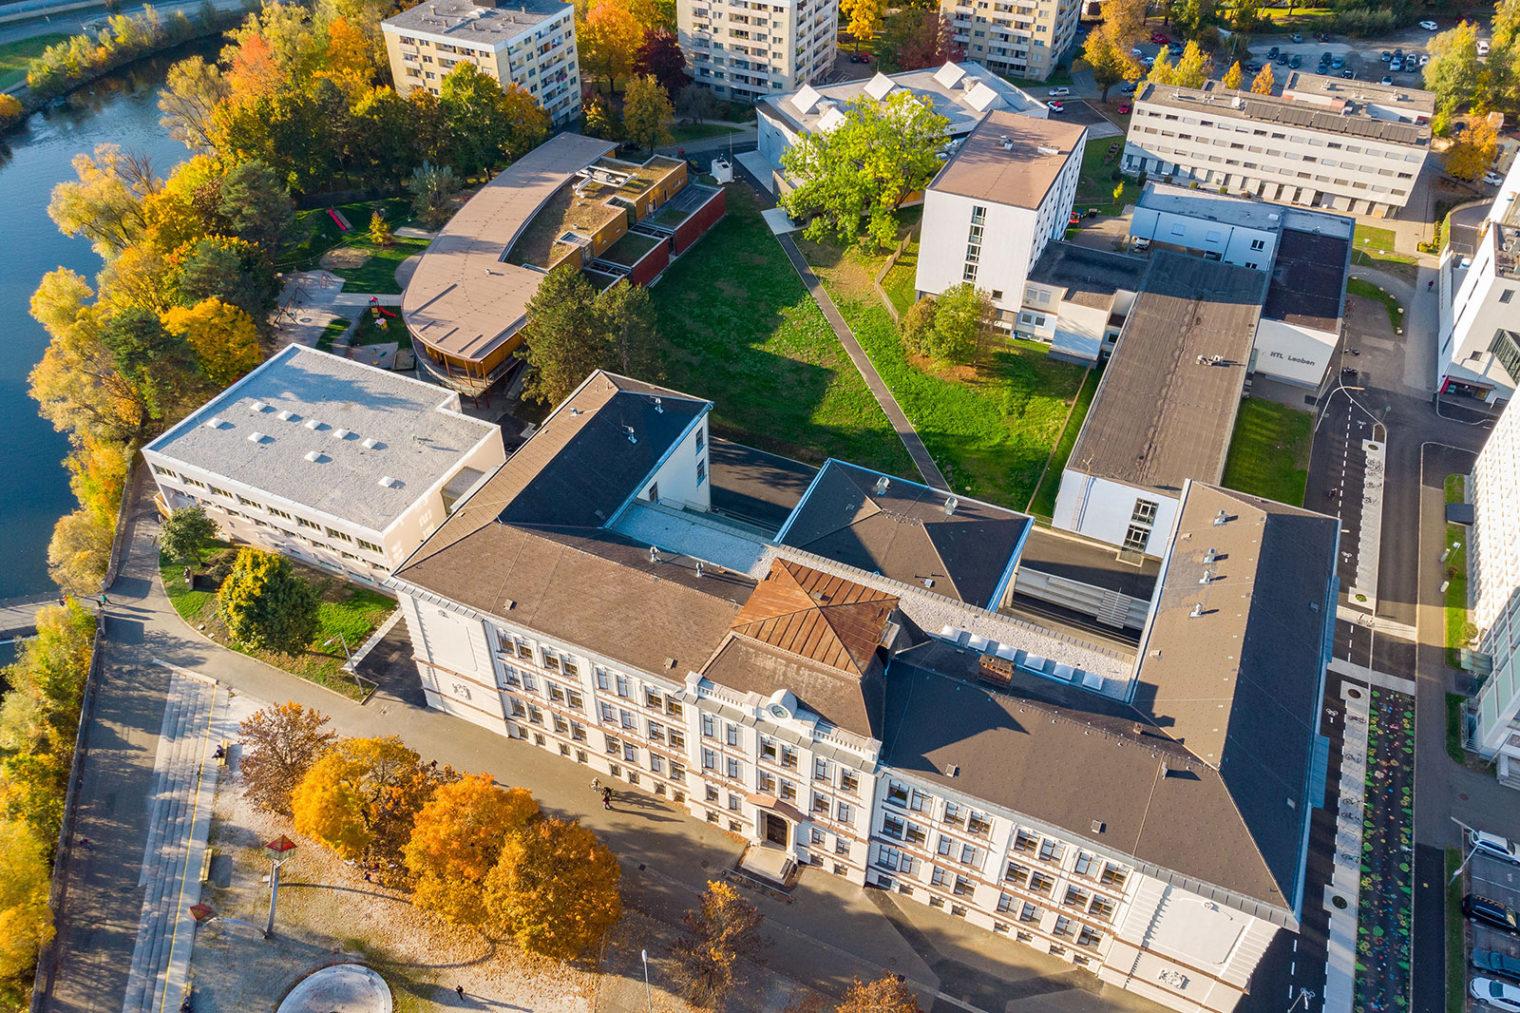 Luftbild Bildungszentrum Leoben-Innenstadt